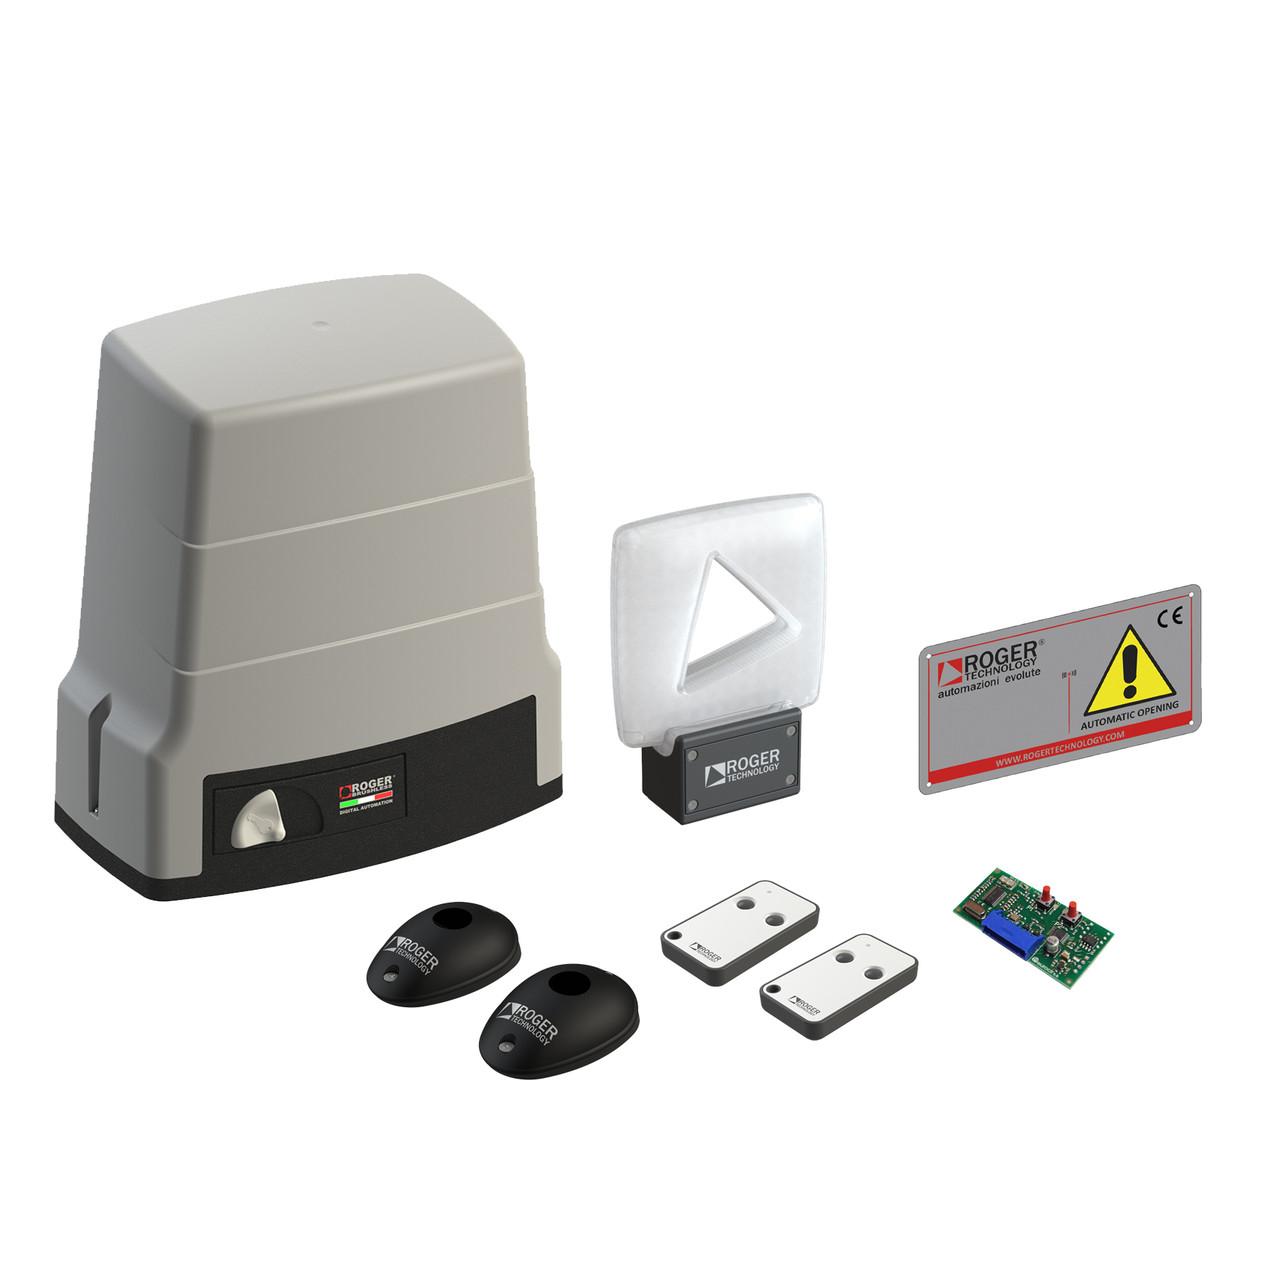 Автоматика Roger Technology KIT BH30/805 для відкатних воріт вагою до 1000 кг з механічними кінцевими